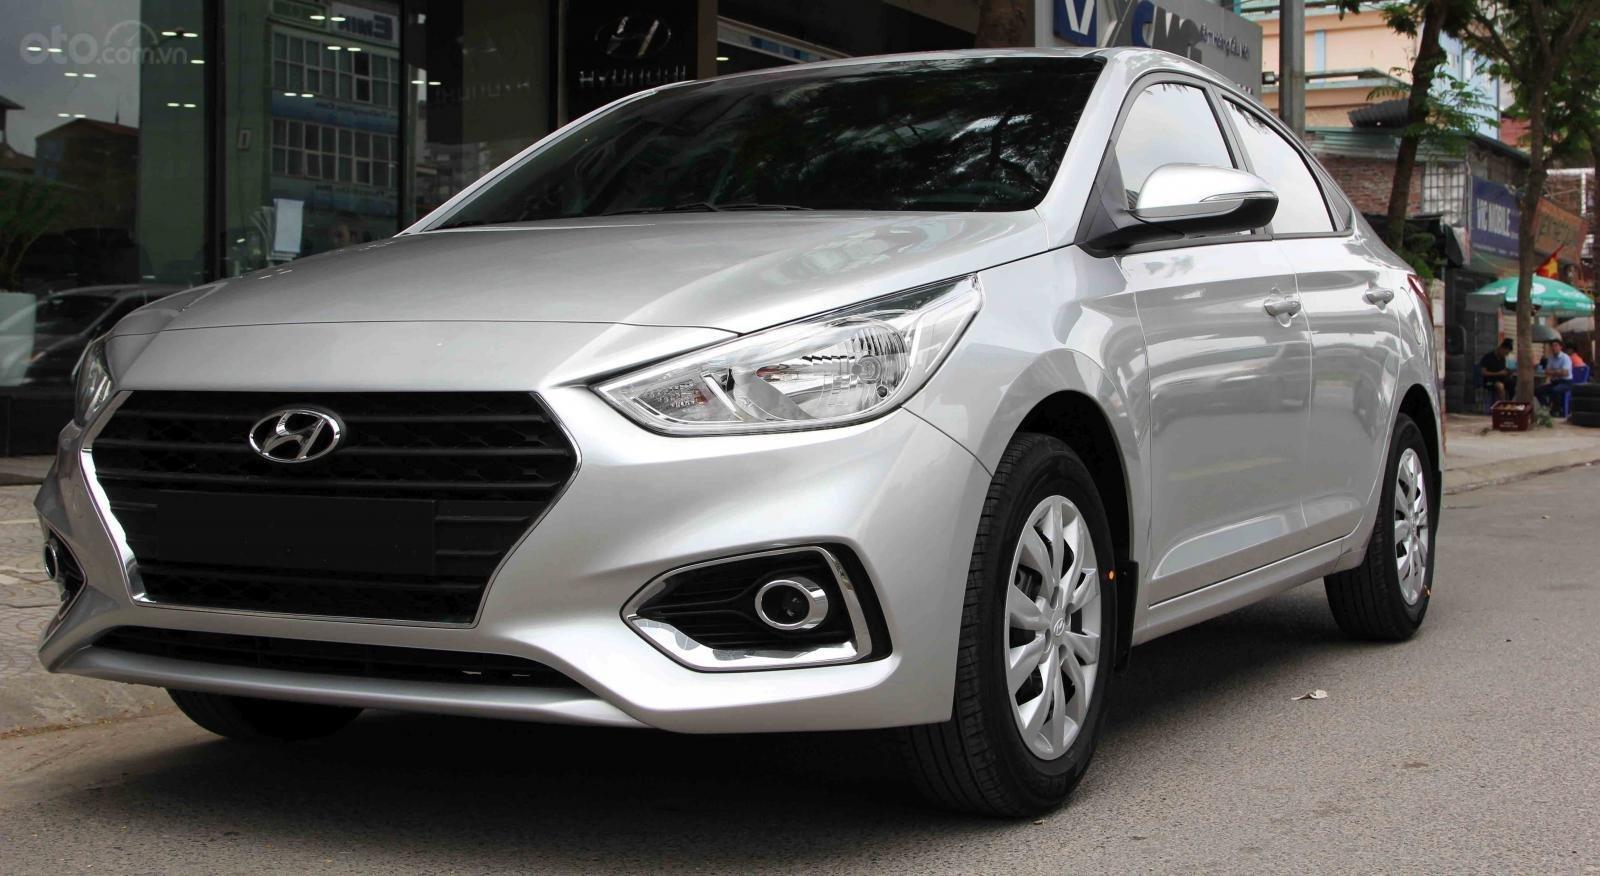 Hyundai Accent chuyên chạy taxi - grab - giá rẻ - giao ngay- chỉ 125tr nhận xe - LH 0909862412-2